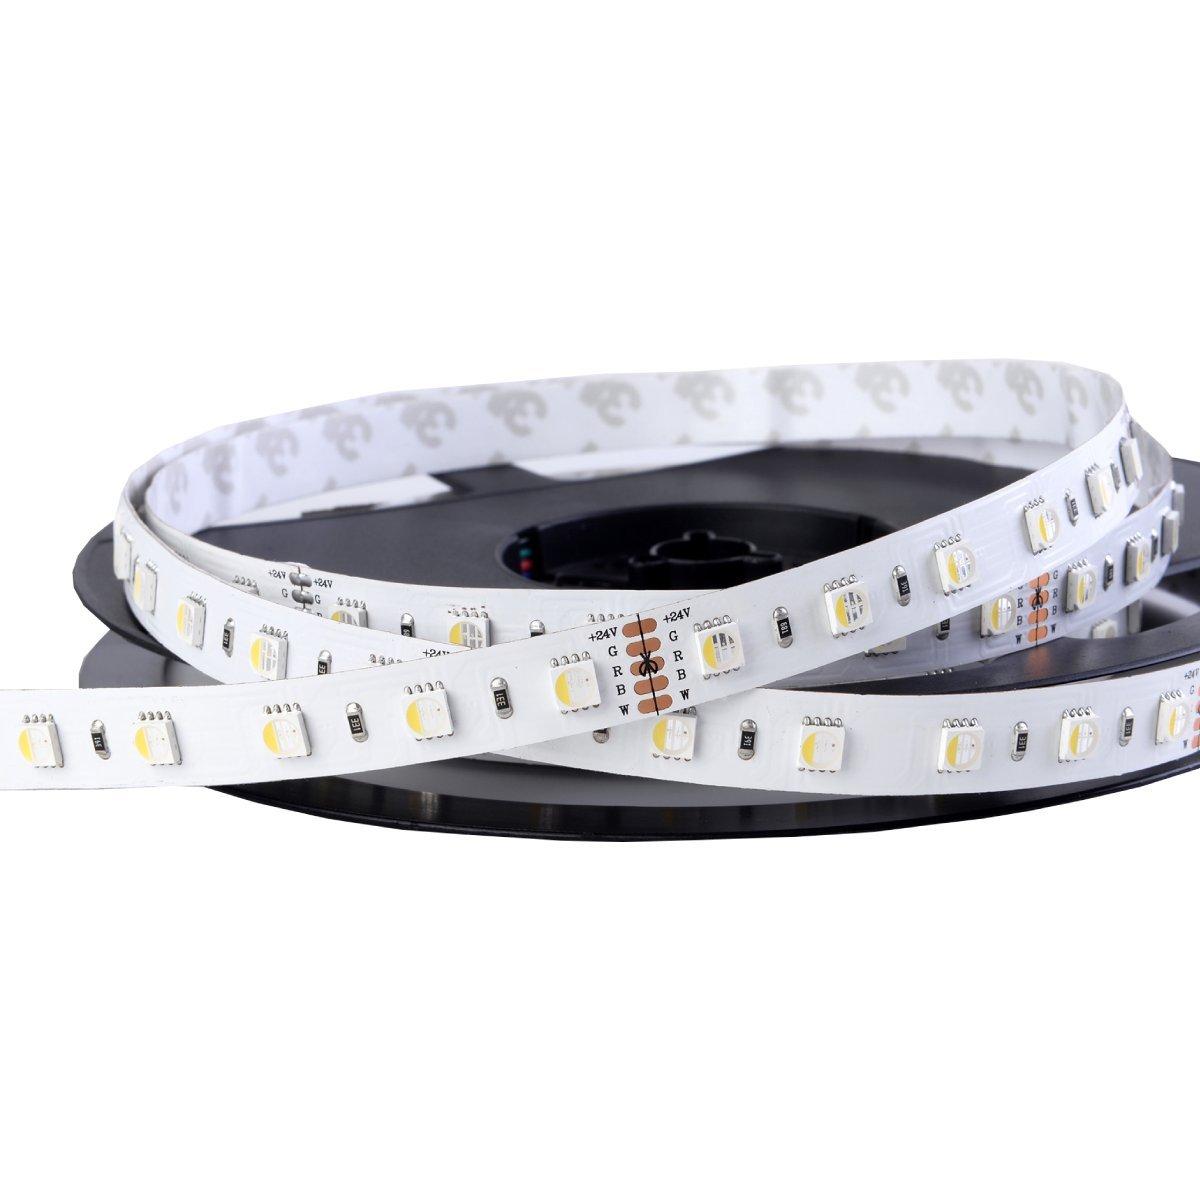 Iluminize LED-Streifen RGBW 4 in 1   sehr hochwertiger LED-Streifen RGBW tageslichtweiß (6000K) mit 60 LEDs pro Meter, hoch selektiert, 24V, 19,2W pro Meter (6000K IP33 Rolle 5m)